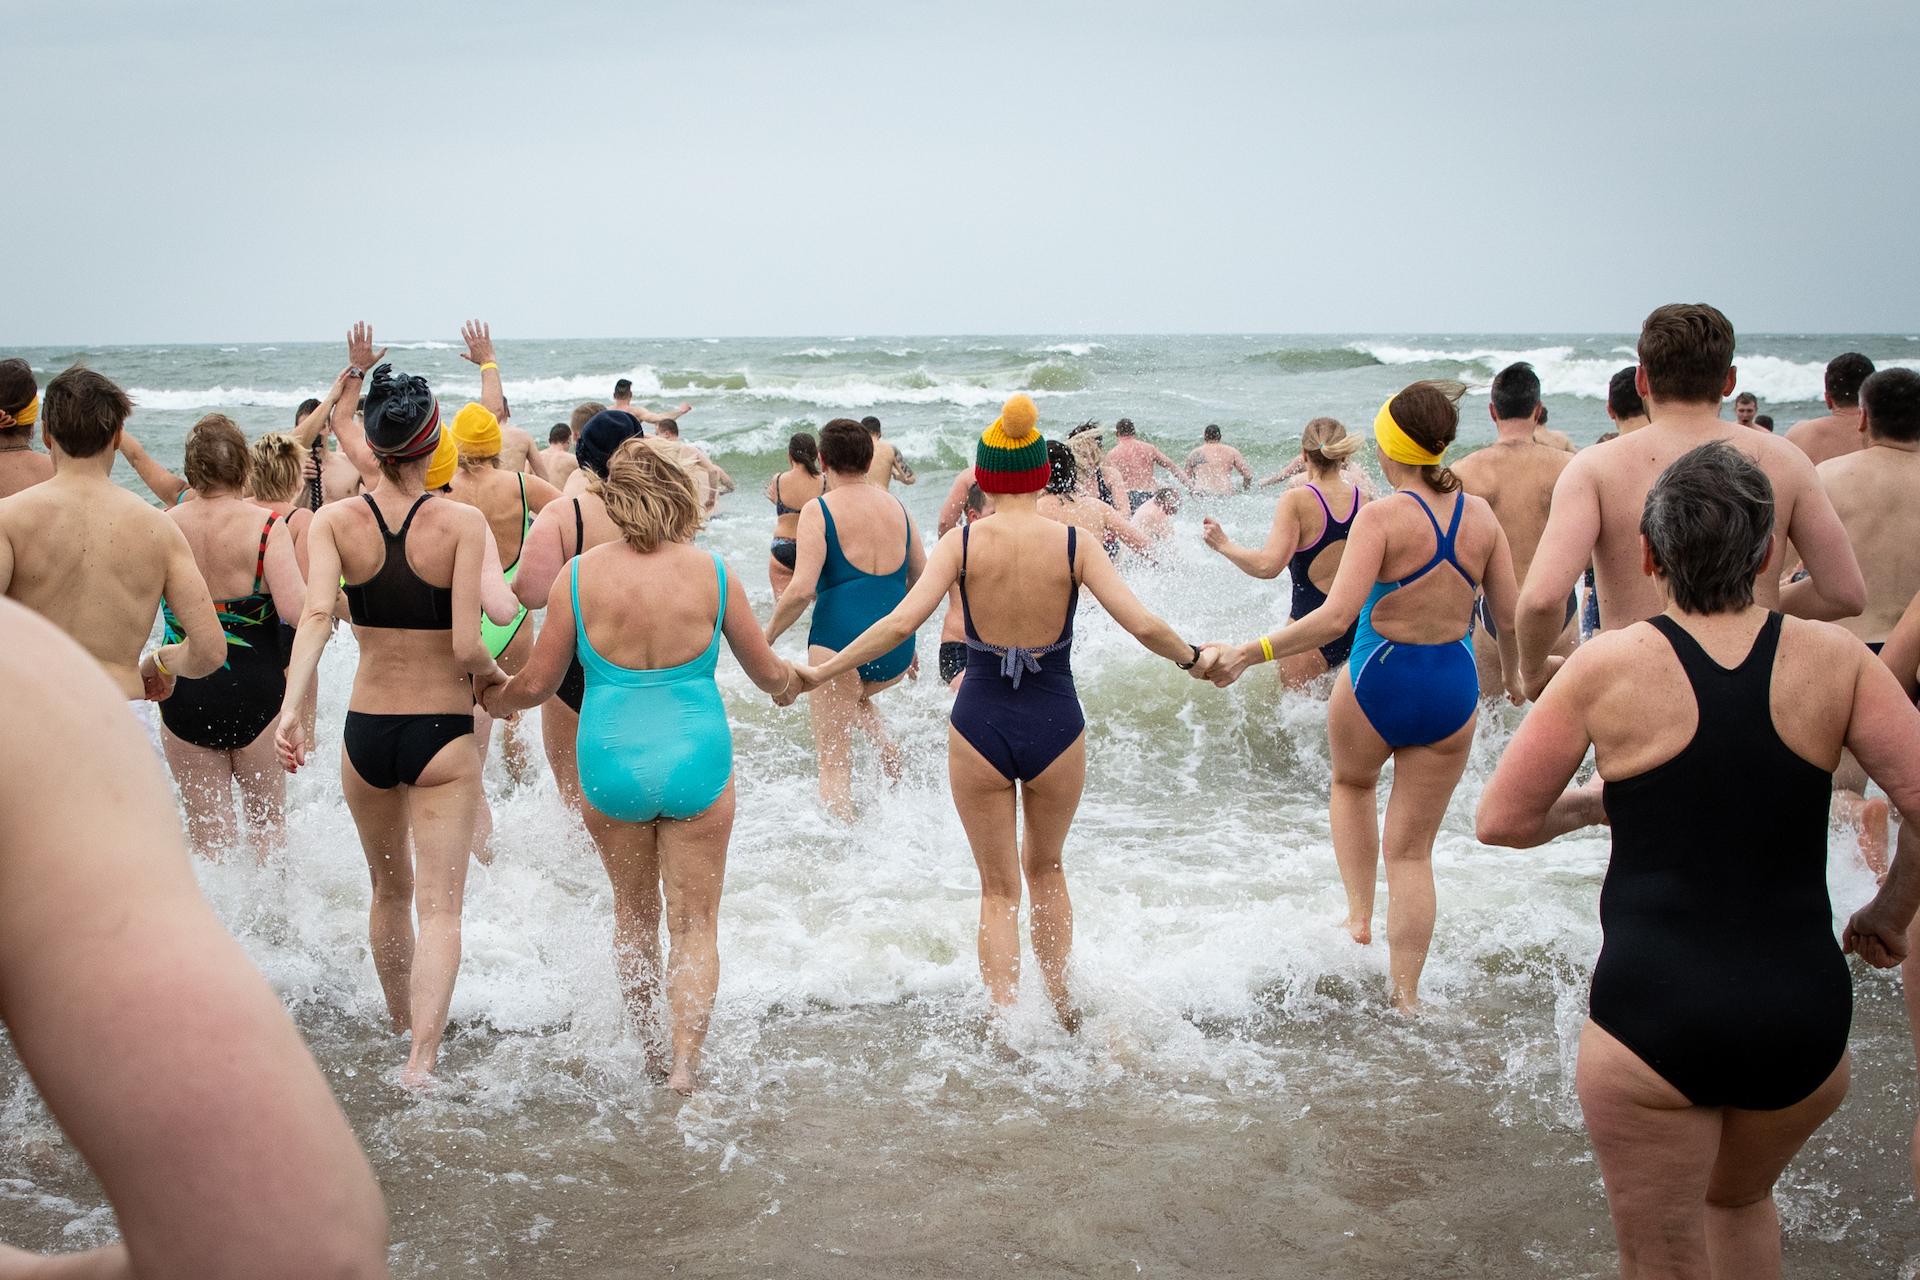 Vienas, du, trys – ir opa vienas po kito į ledines įsisiūbavusias Baltijos jūros bangas! Gintarė Grigėnaitė Photography nuotr.